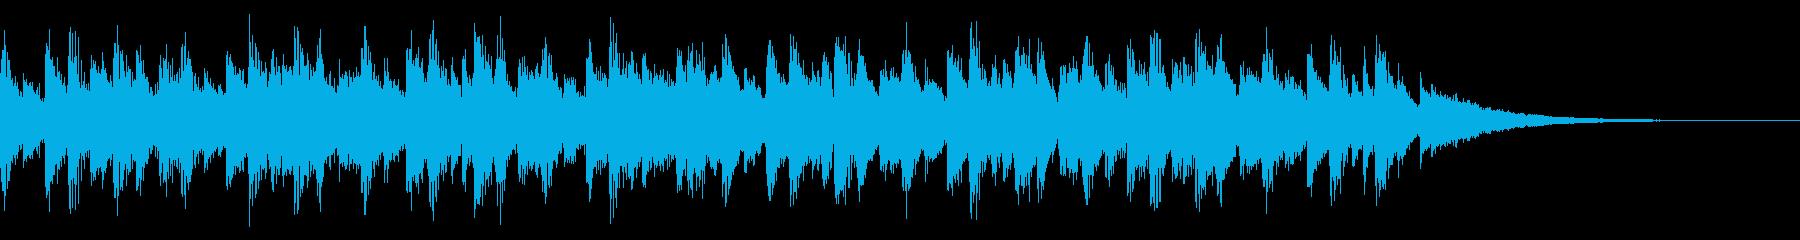 CM映像:近未来的高速ビート15secの再生済みの波形